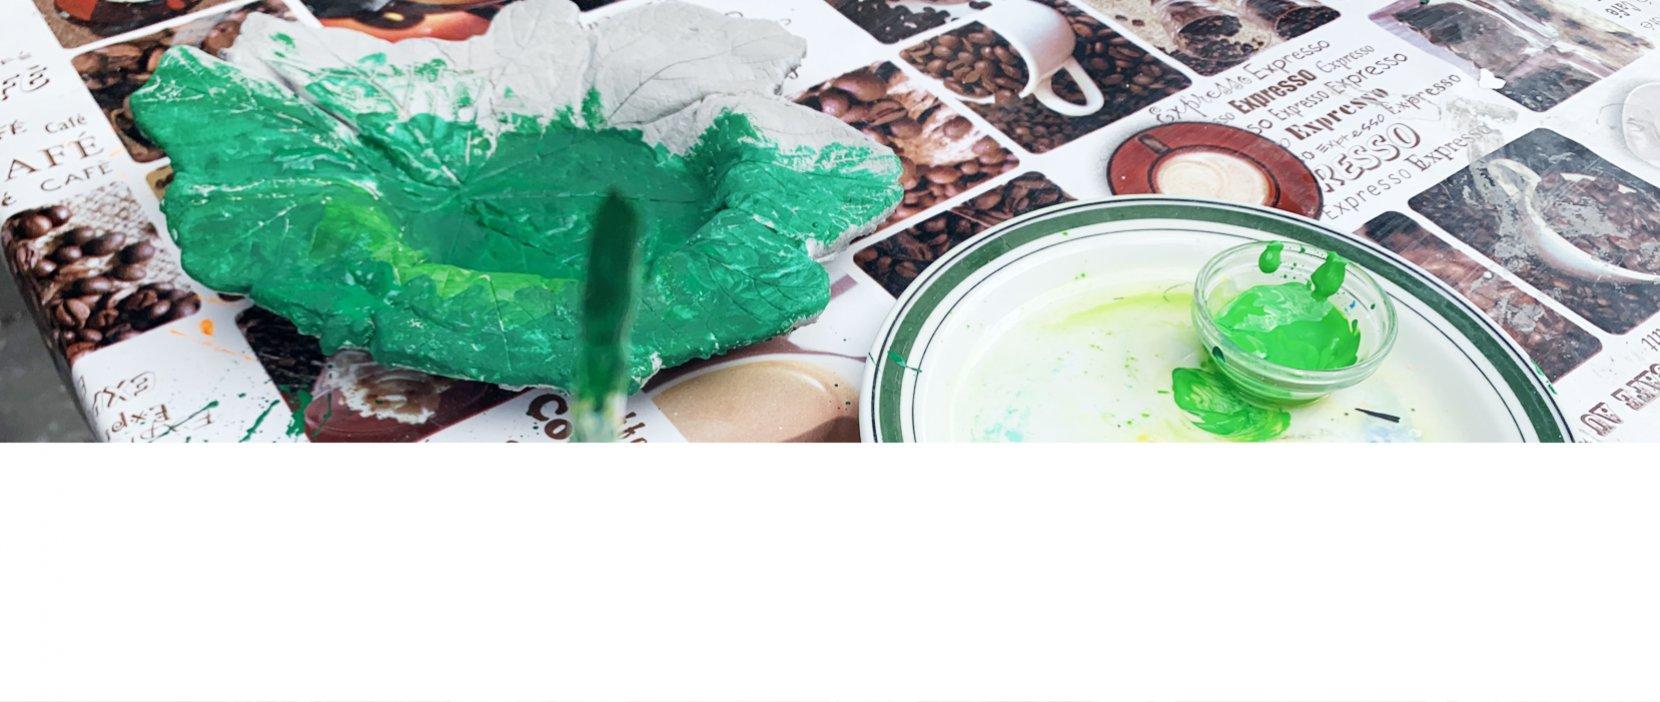 Produkt fremstillet i betonværkstedet males med grøn farve